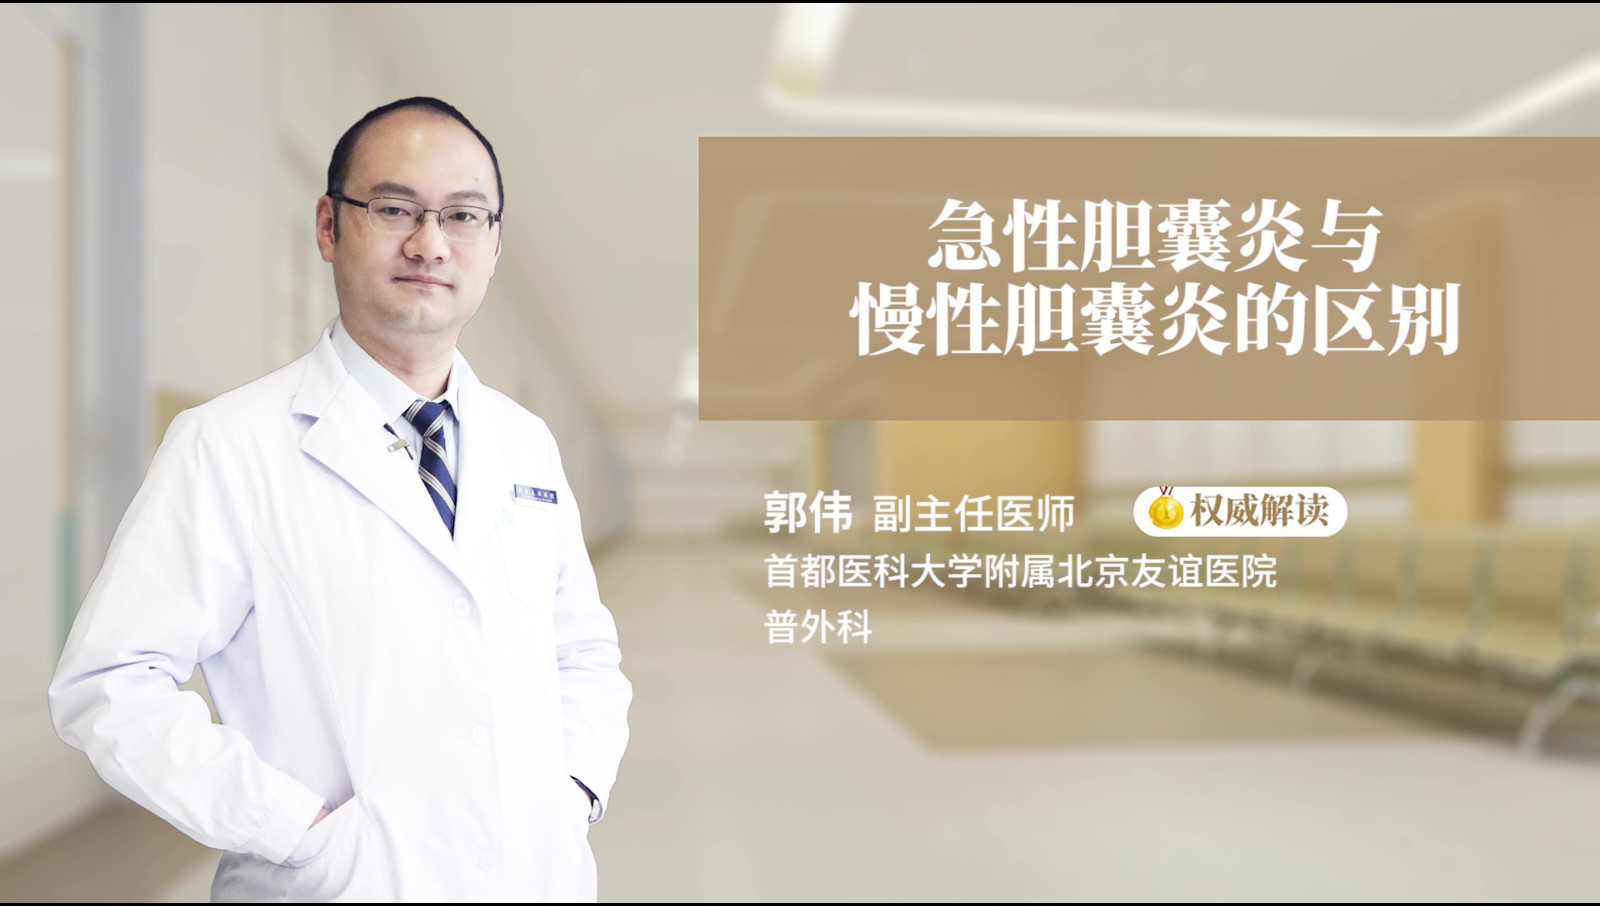 急性胆囊炎与慢性胆囊炎的区别